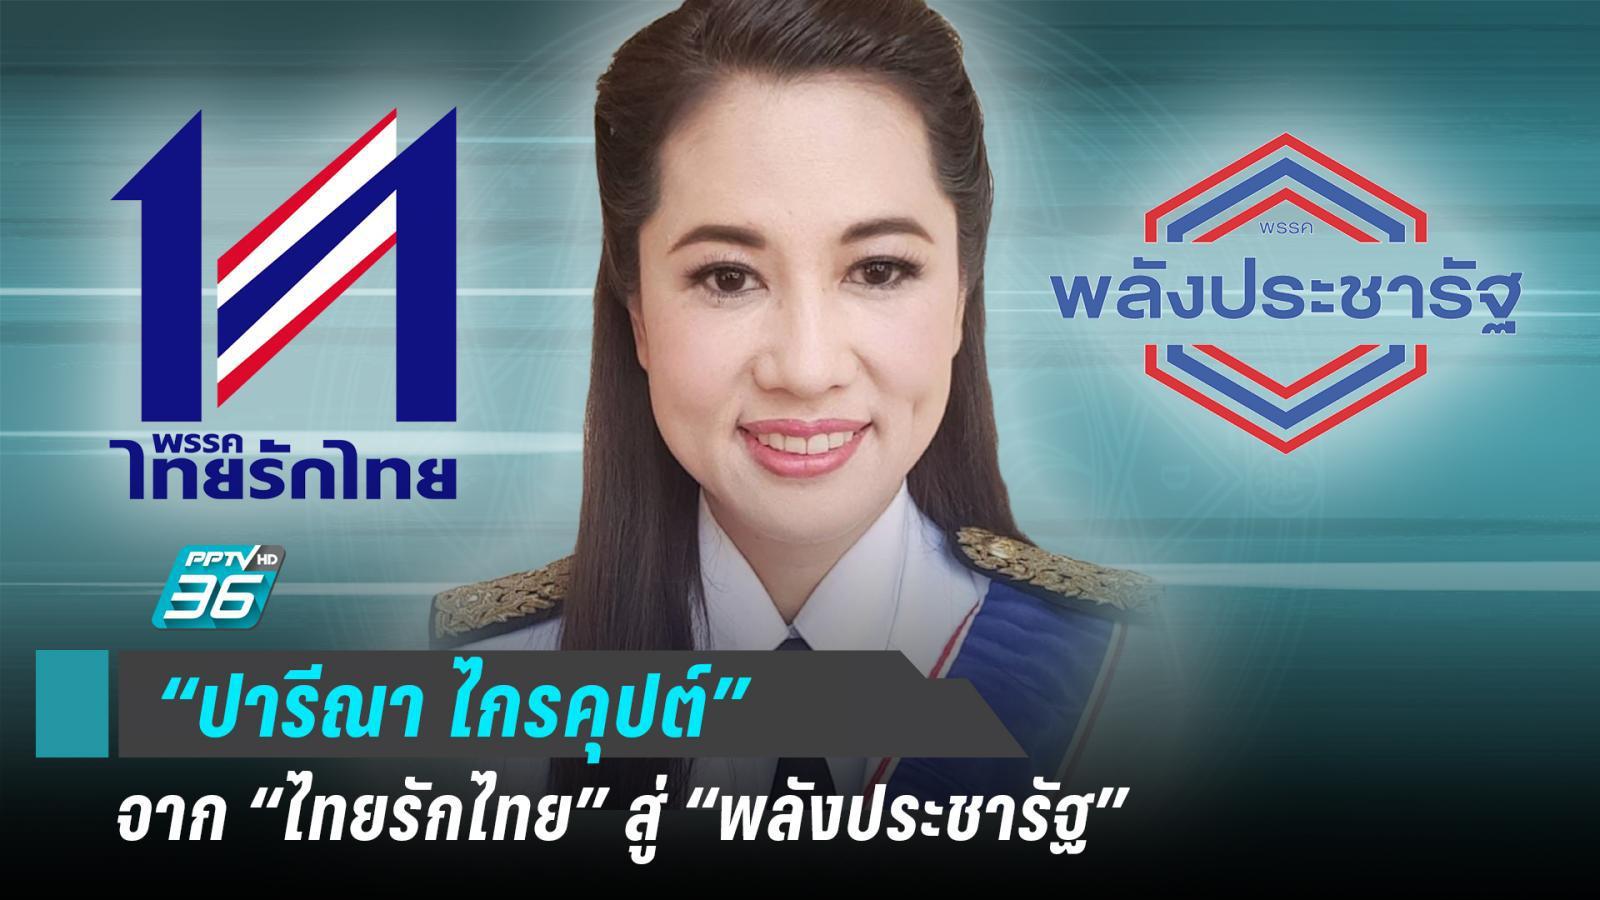 """เปิดประวัติ """"ปารีณา ไกรคุปต์"""" จาก """"ไทยรักไทย""""  สู่ """"พลังประชารัฐ"""""""